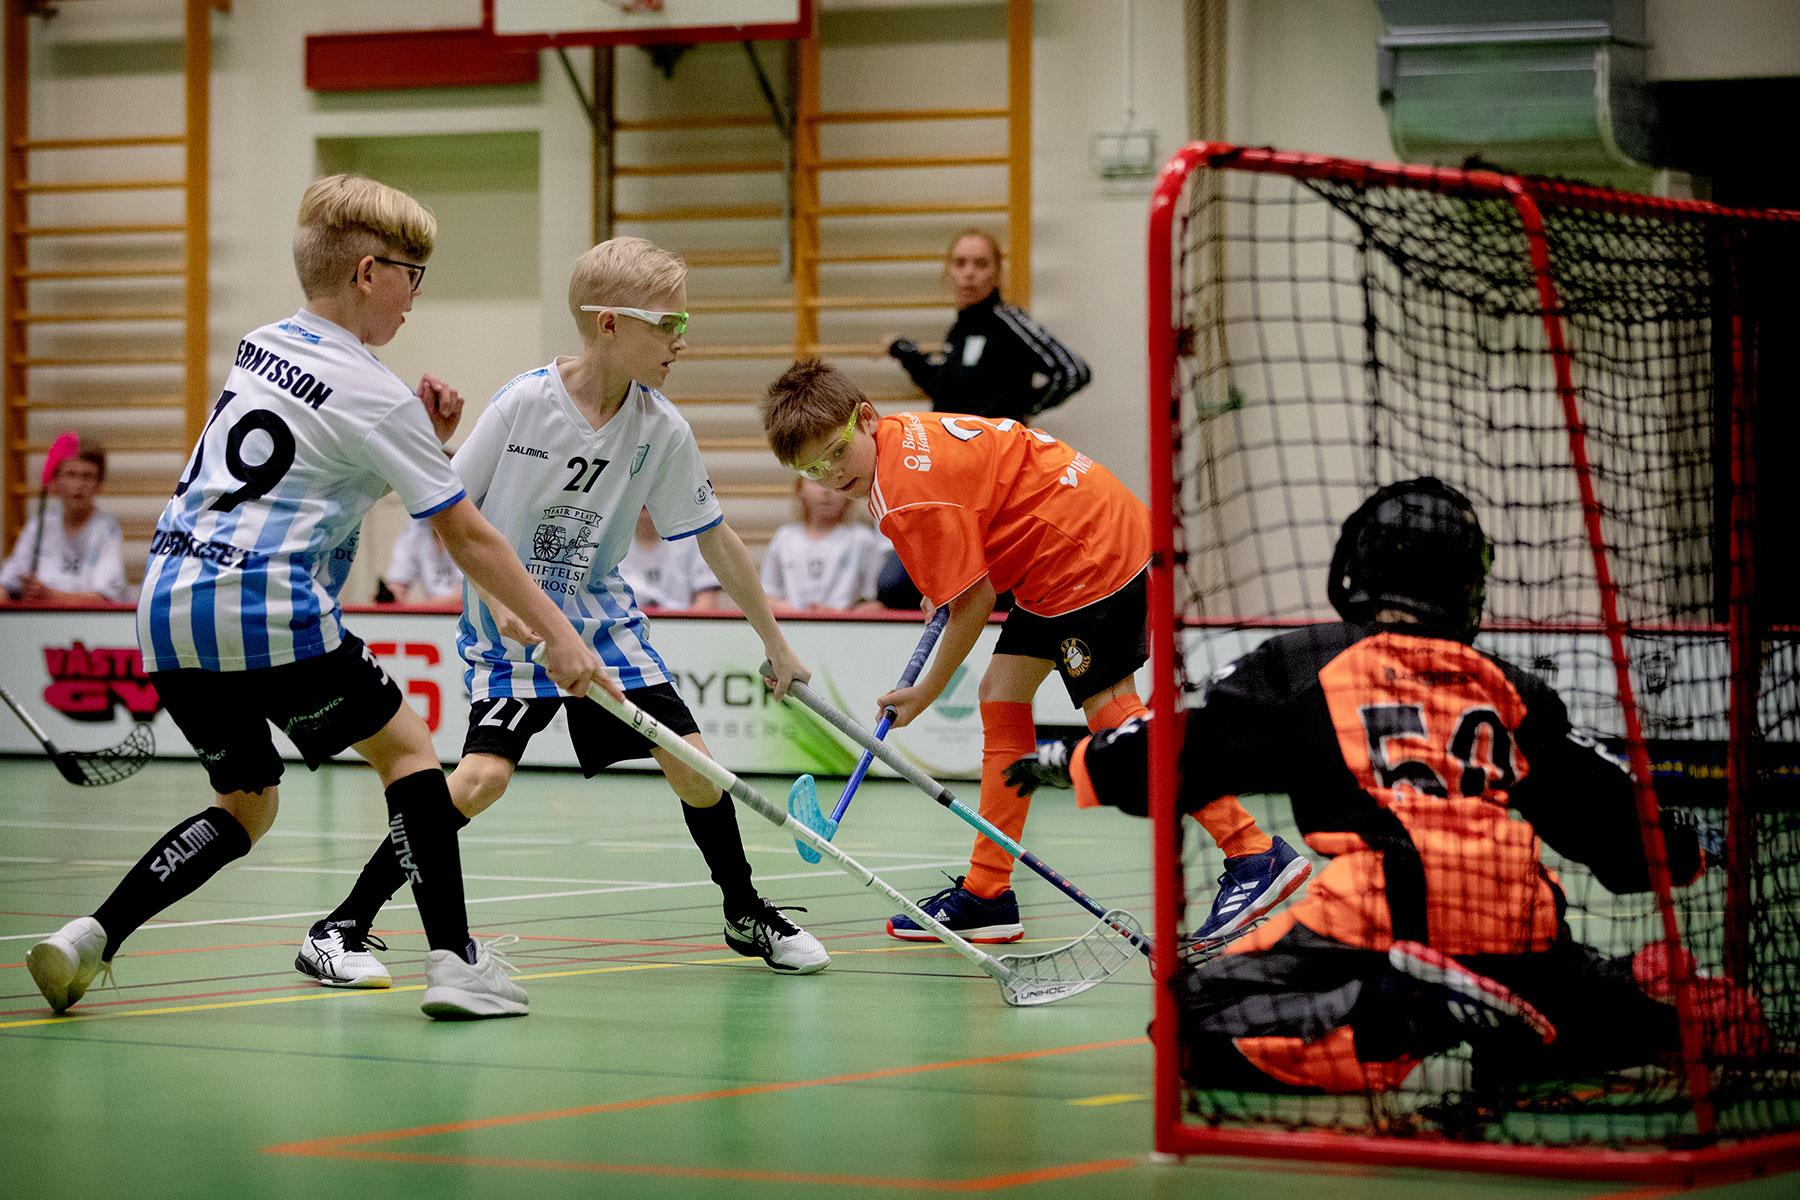 blogg-190407varbergsspelen13.jpg